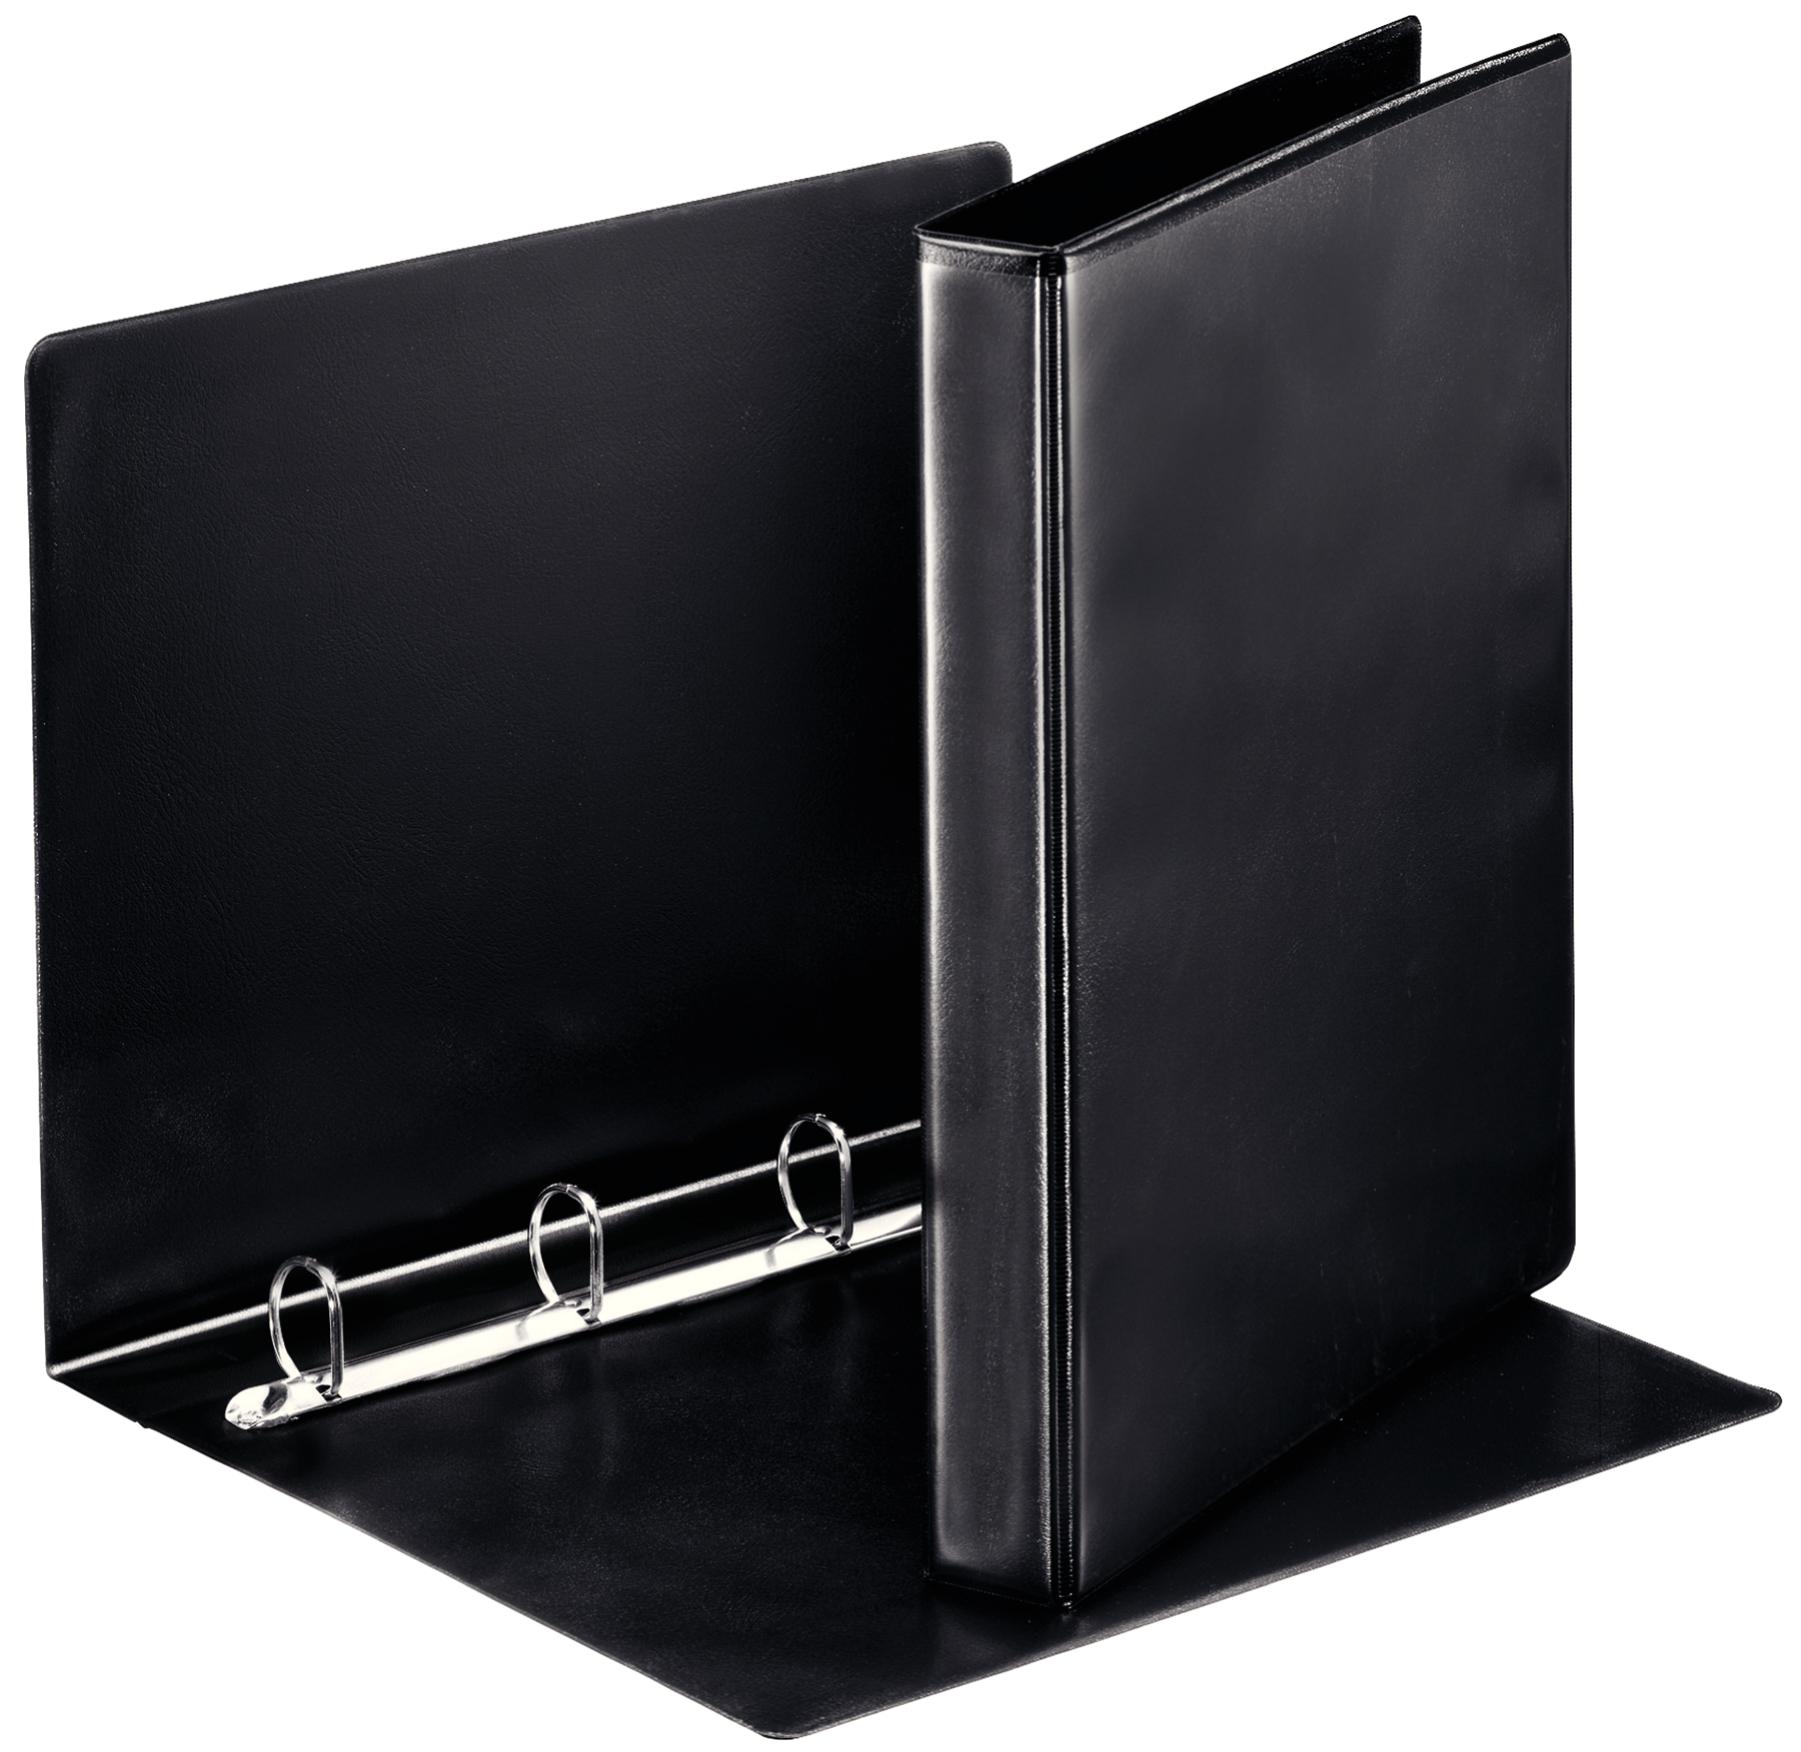 Esselte Essentials Pres Binder A4 25mm 4 D-Ring BK PK10